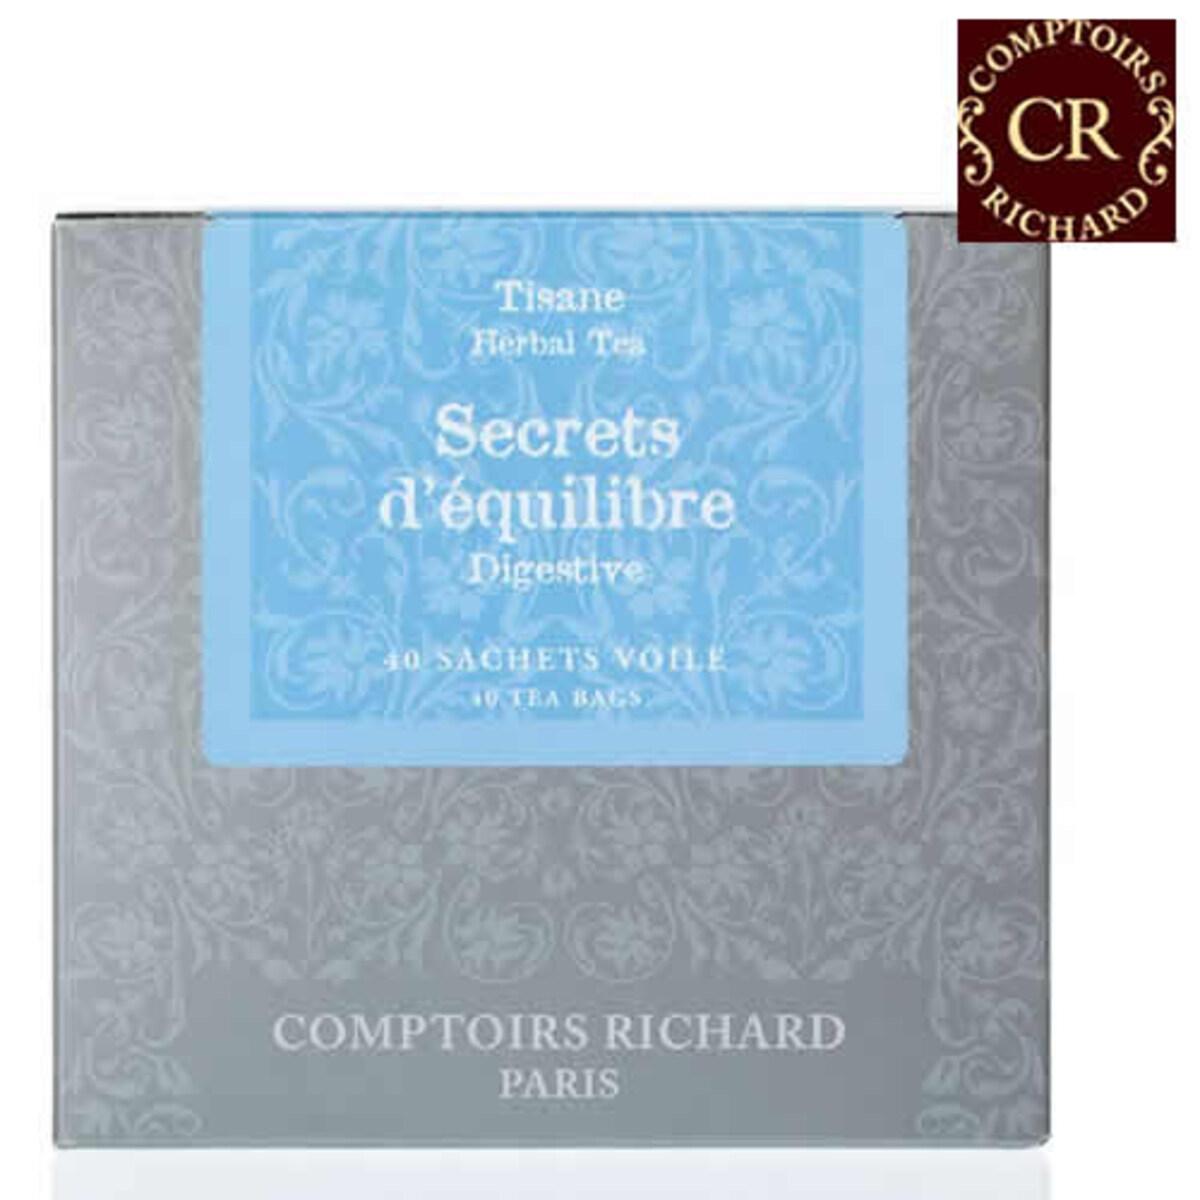 Comptoirs Richard Secrets d'équilibre - 40бр сашета билков чай Тайната на равновесието